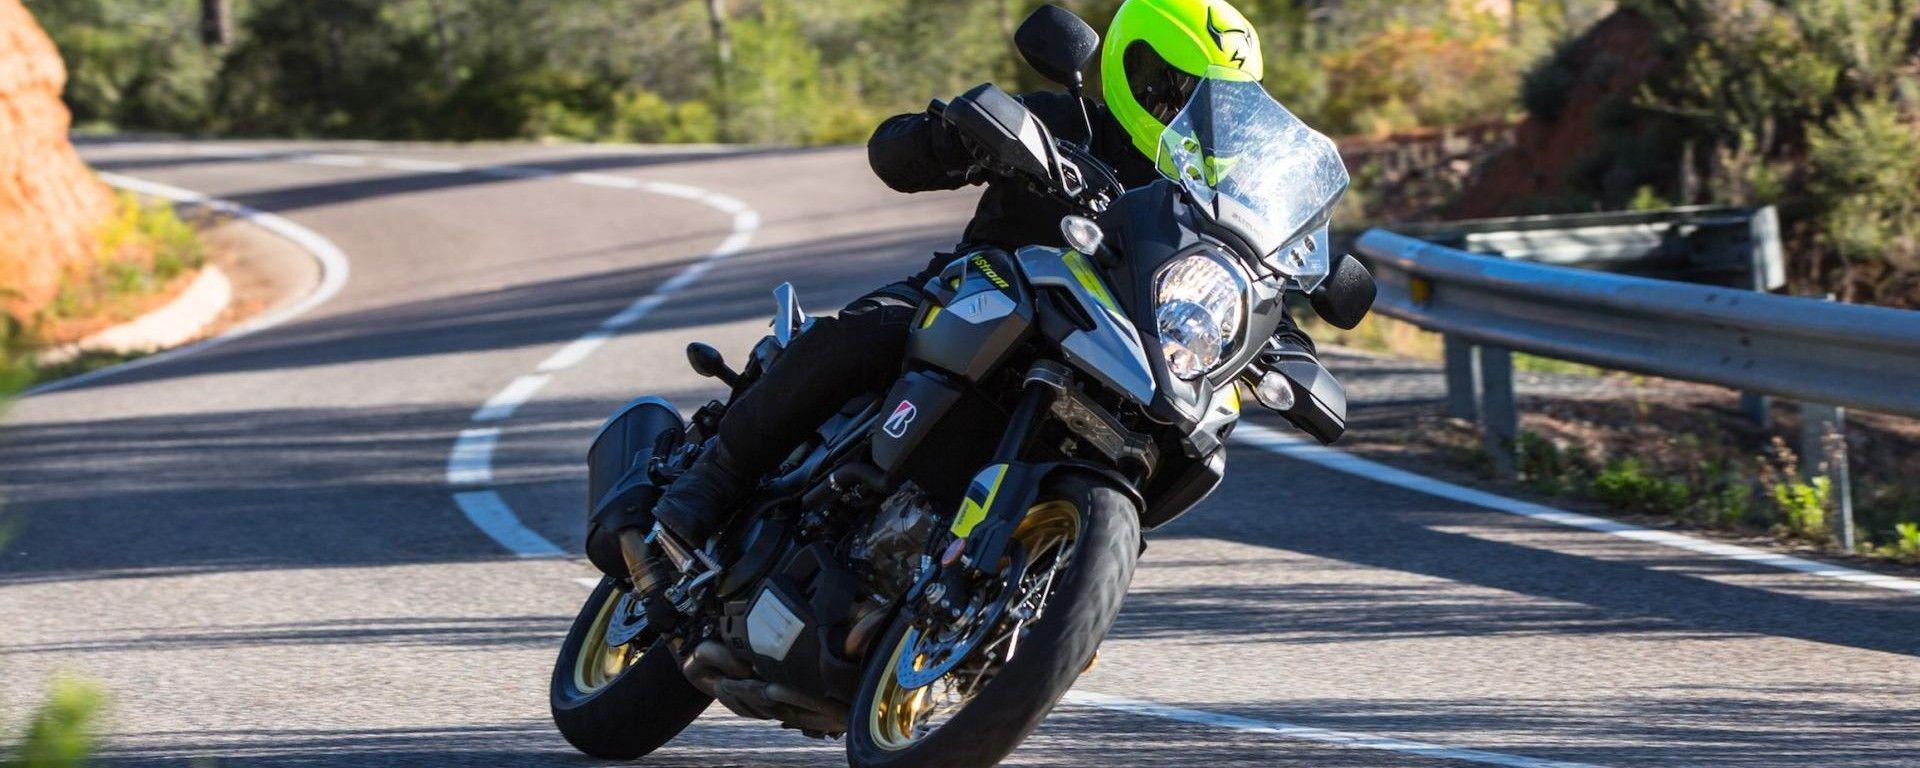 Suzuki V-Strom 1000, debuttano le versioni Feel More e Globe Rider